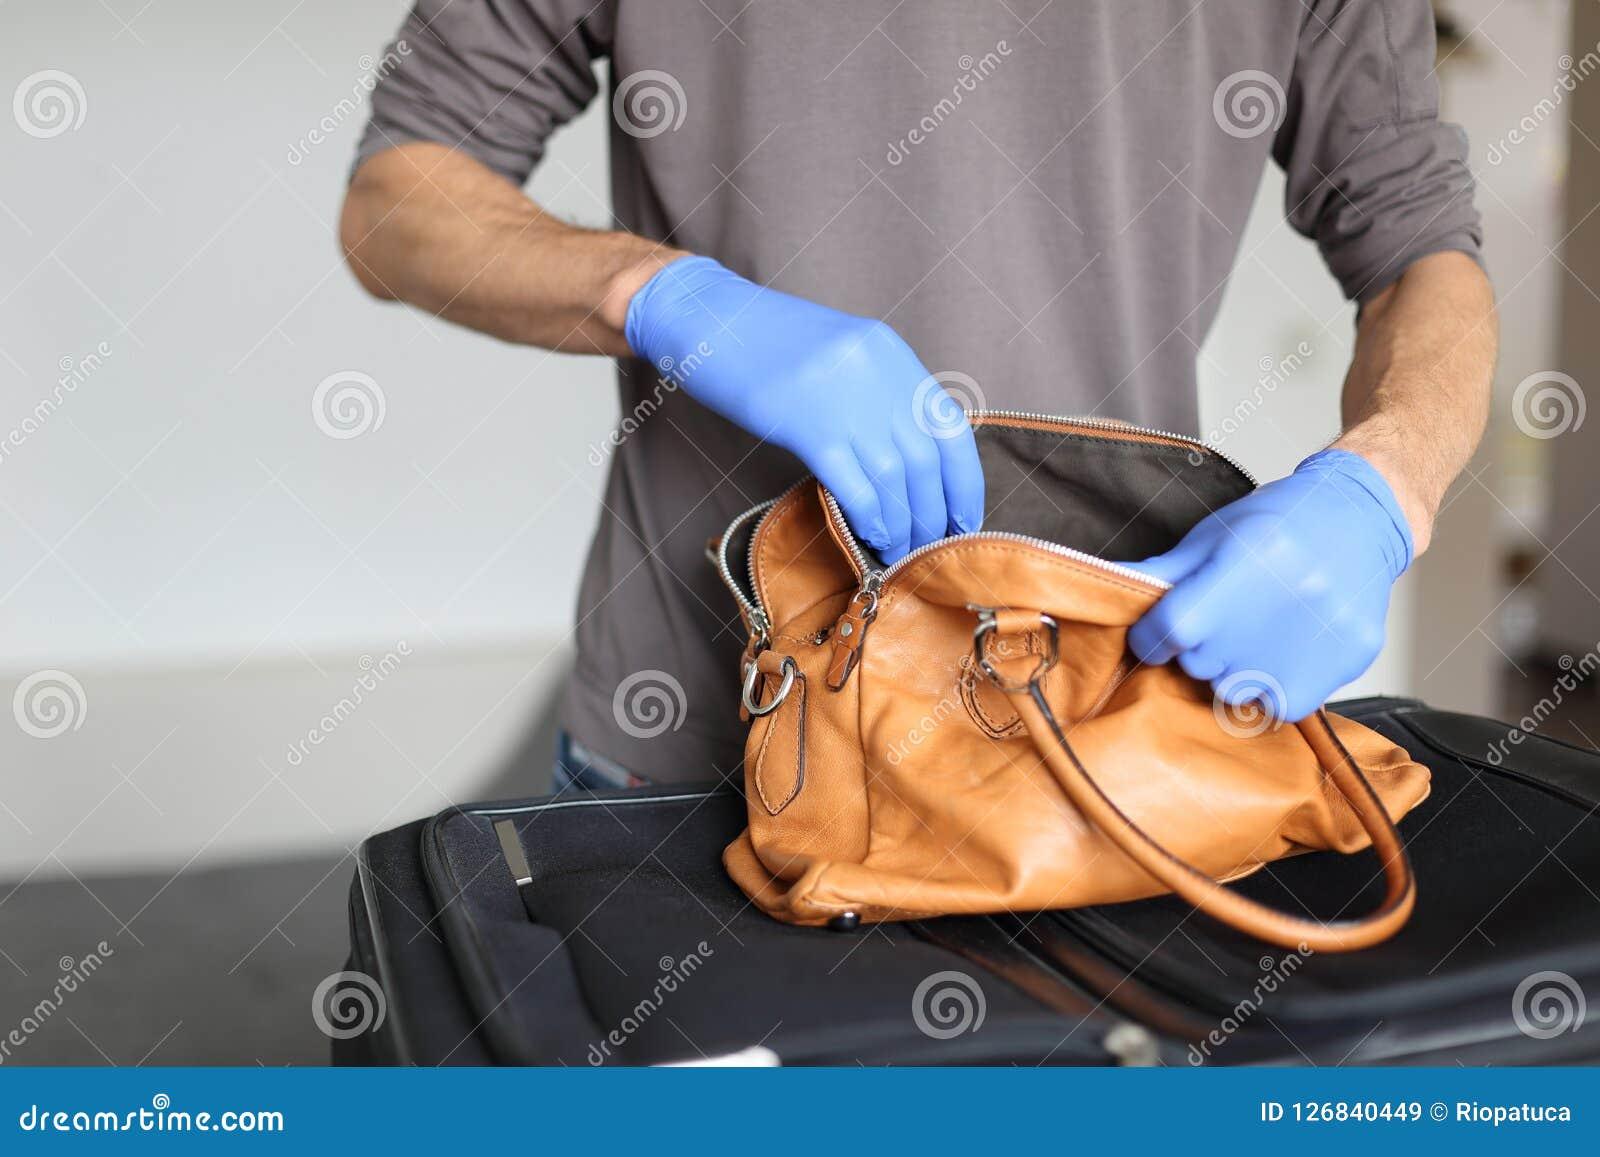 Gewohnheiten am Flughafen, der Sicherheitskontrolle des Handgepäckes tut